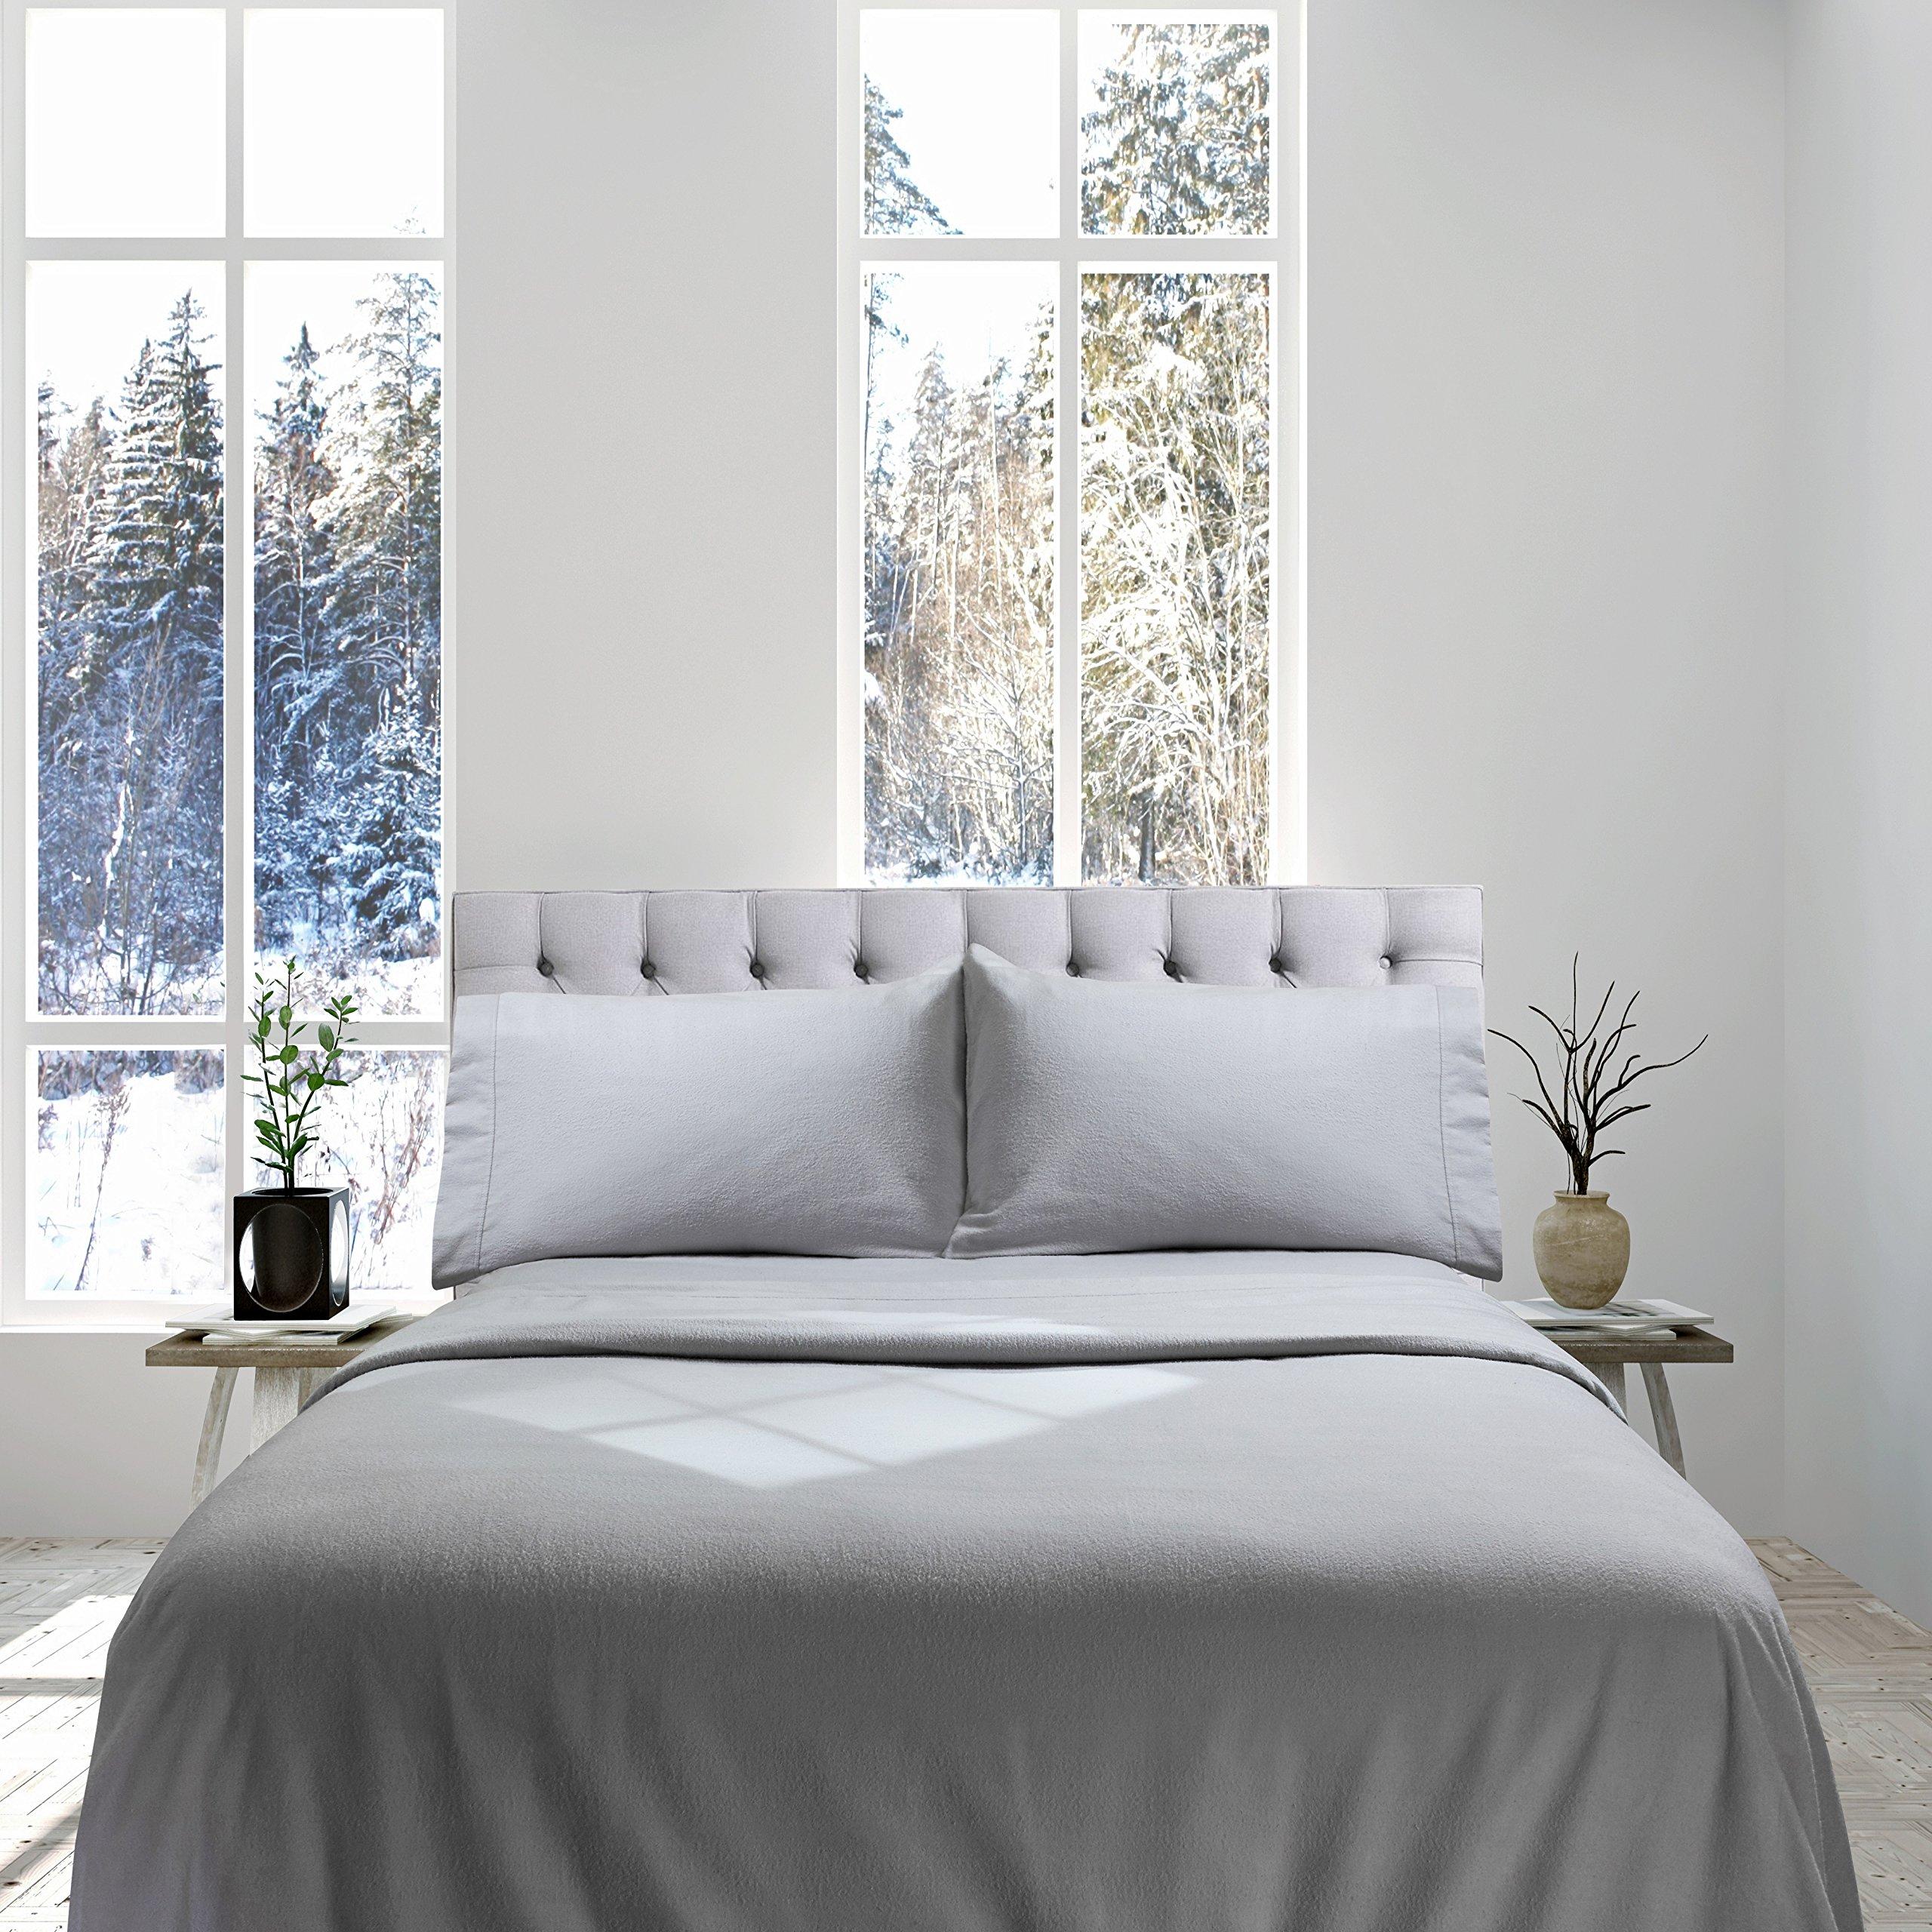 Genteele 100 Cotton Flannel Sheet